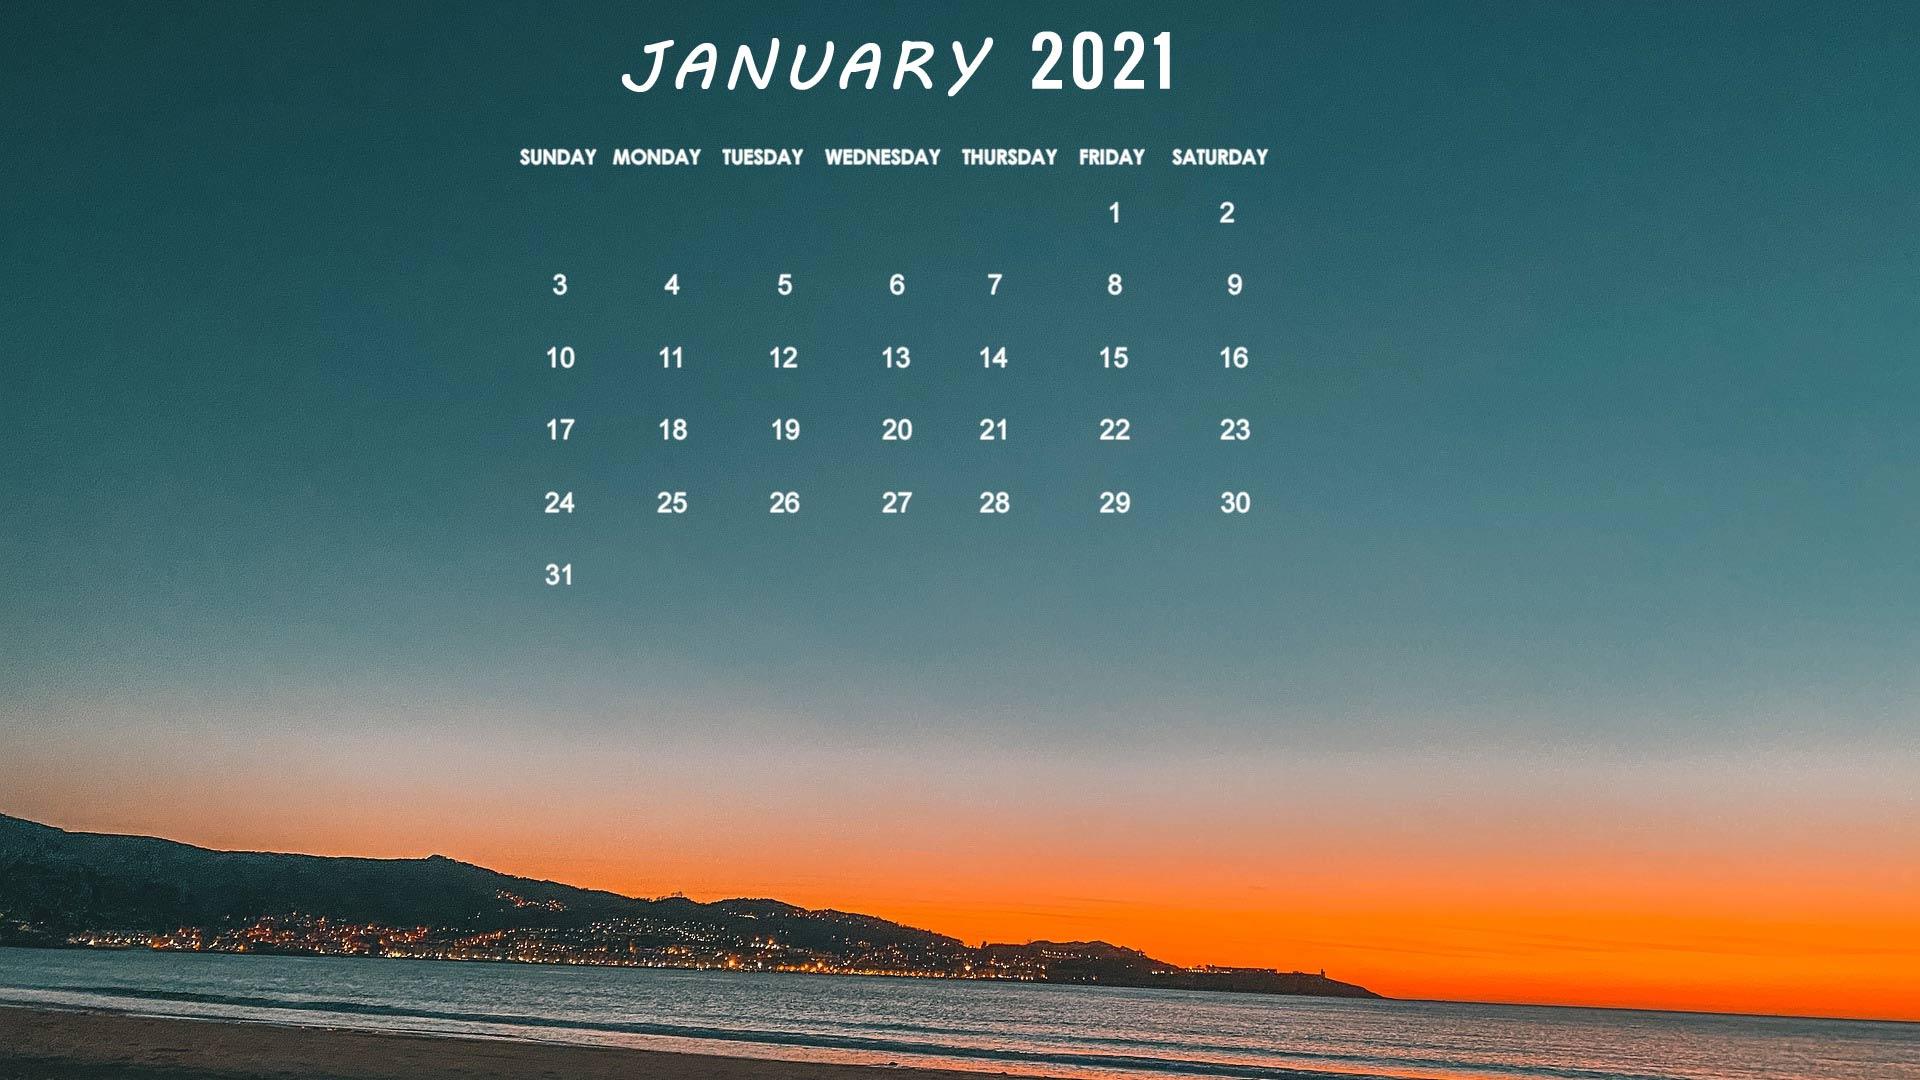 January 2021 calendar wallpaper desktop laptop computer background 1920x1080